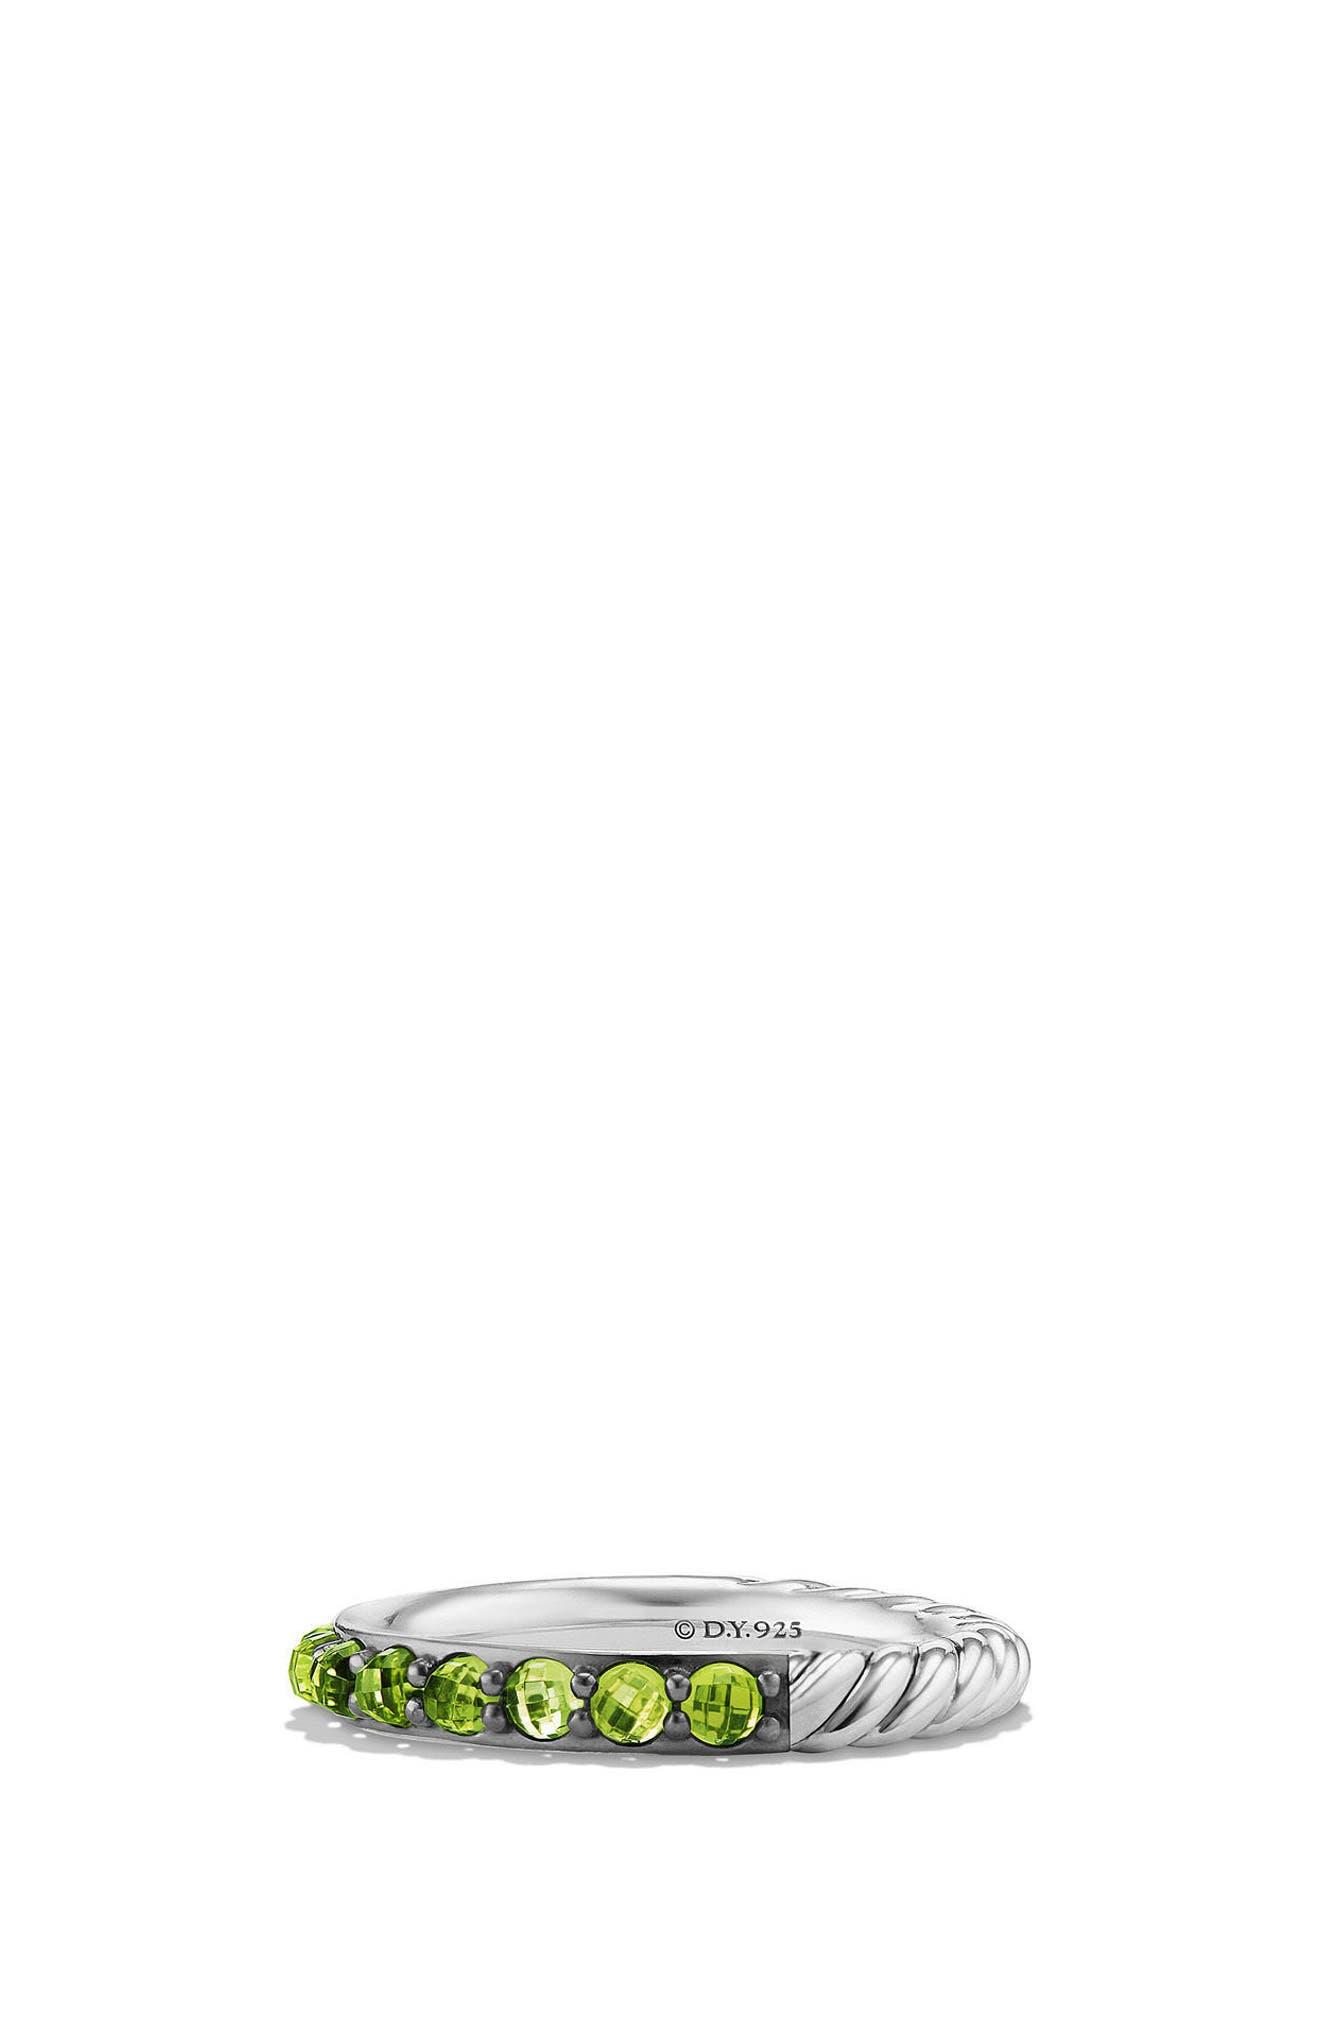 Cable Berries Semiprecious Stone Stack Ring,                             Main thumbnail 1, color,                             PERIDOT